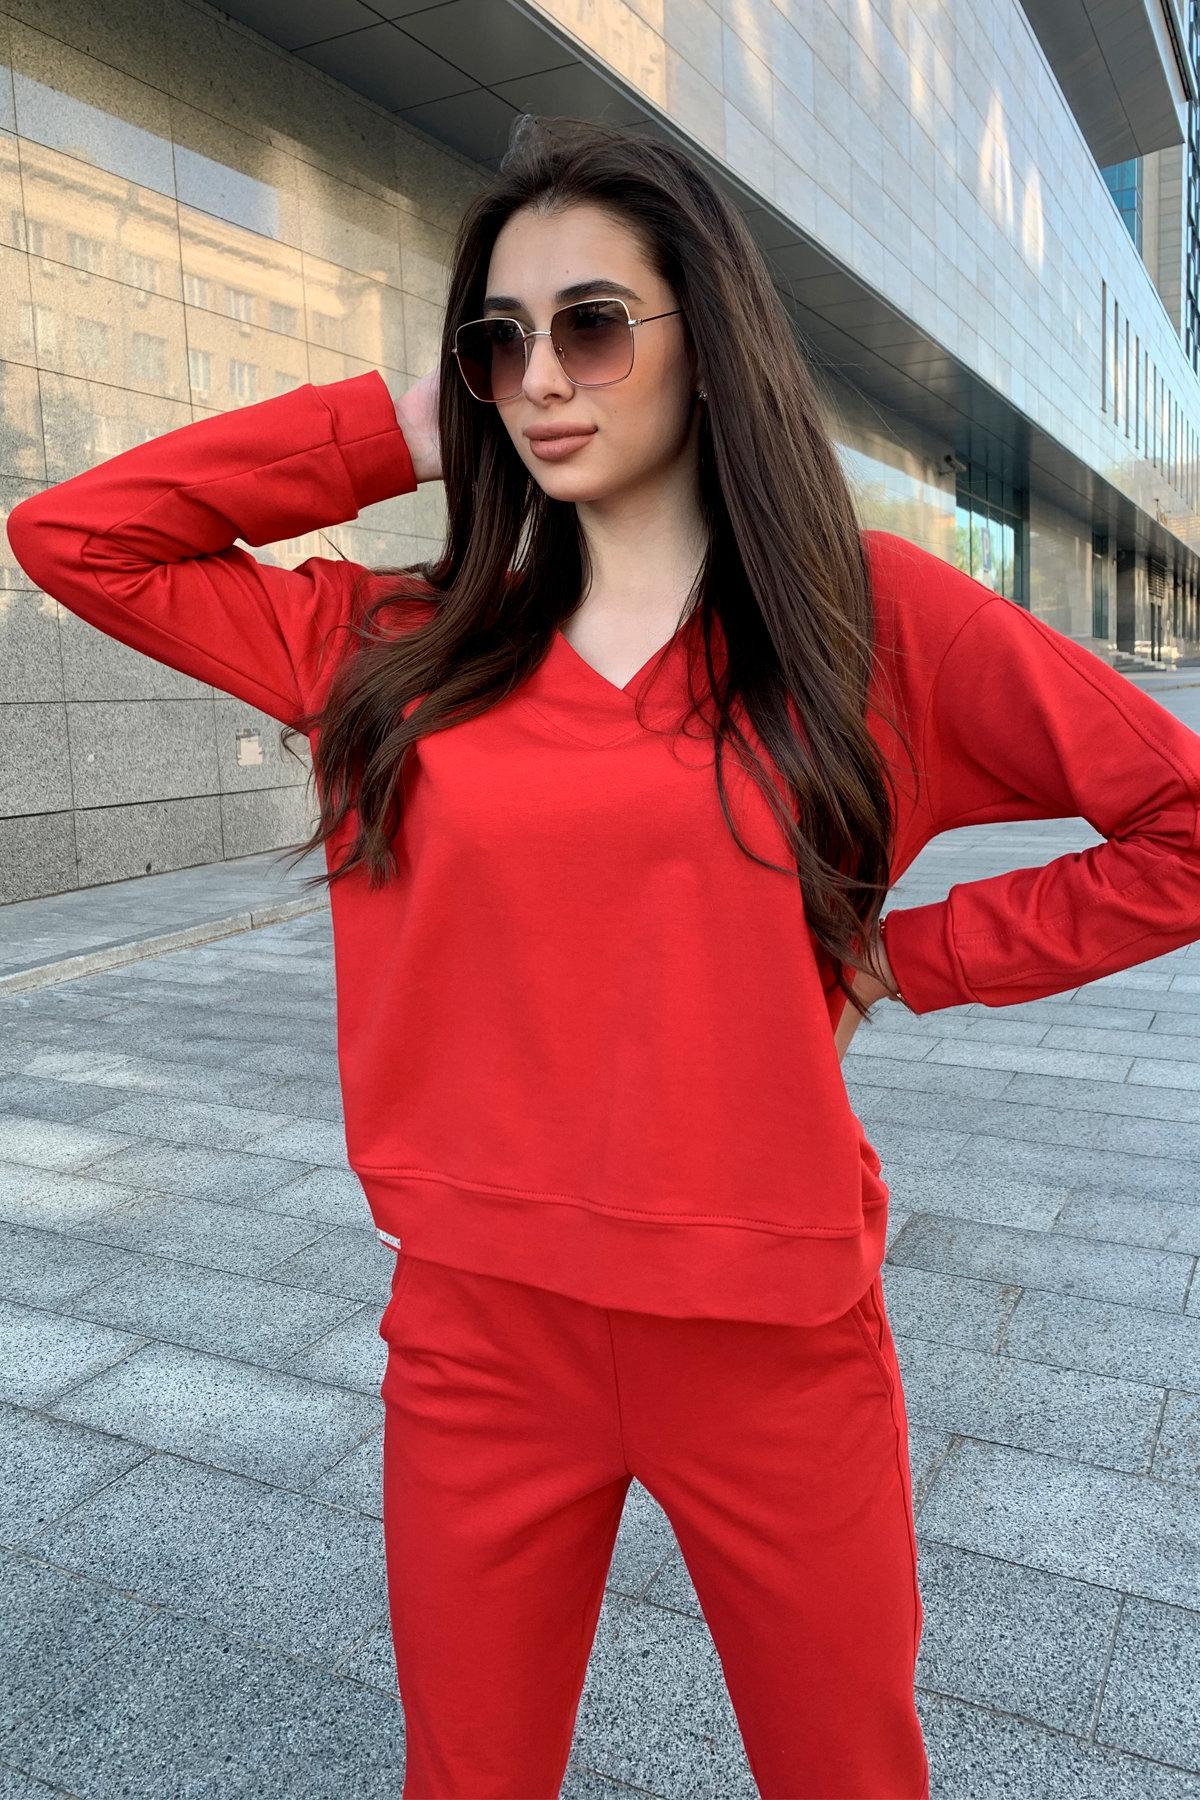 Костюм Стай 9342 АРТ. 45693 Цвет: Красный - фото 7, интернет магазин tm-modus.ru